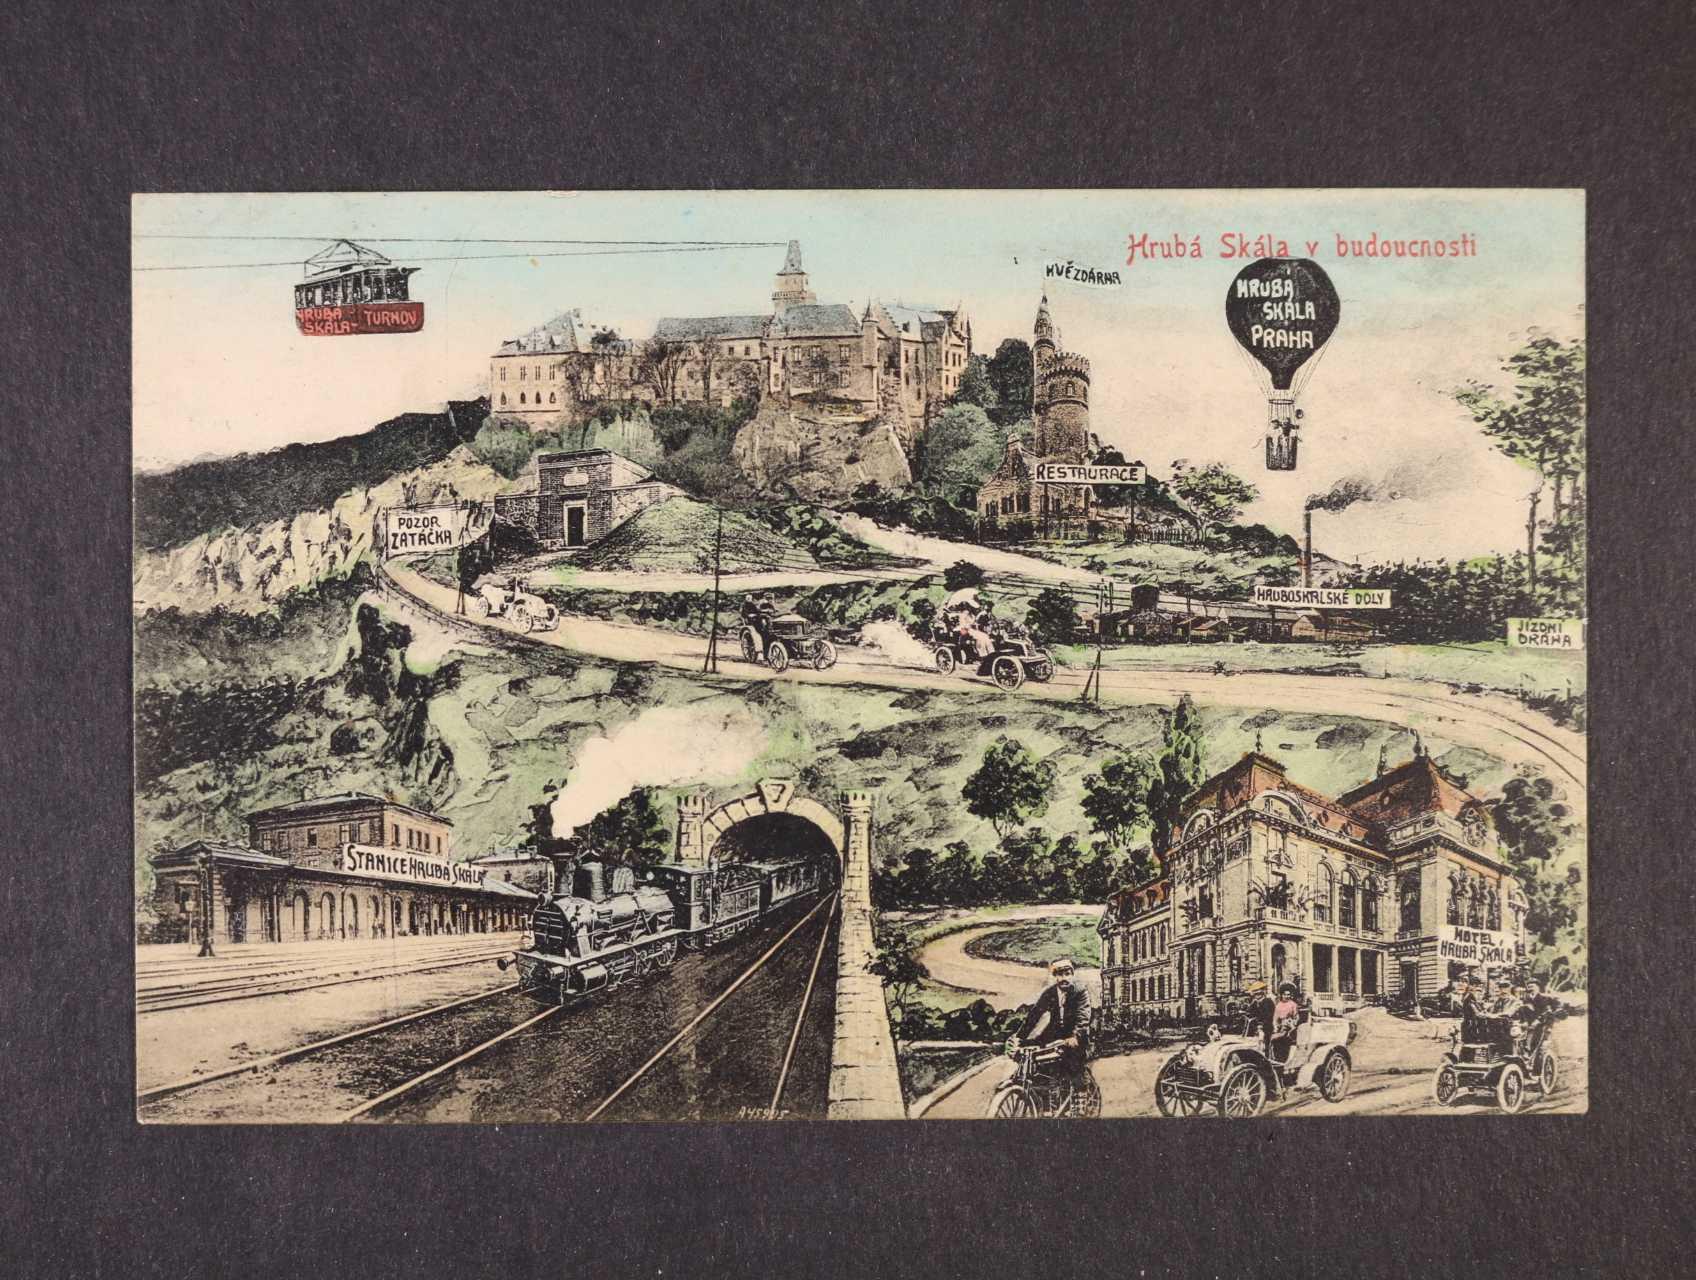 Hrubá Skála - bar. litografie použitá 1908, velmi dobrá kvalita